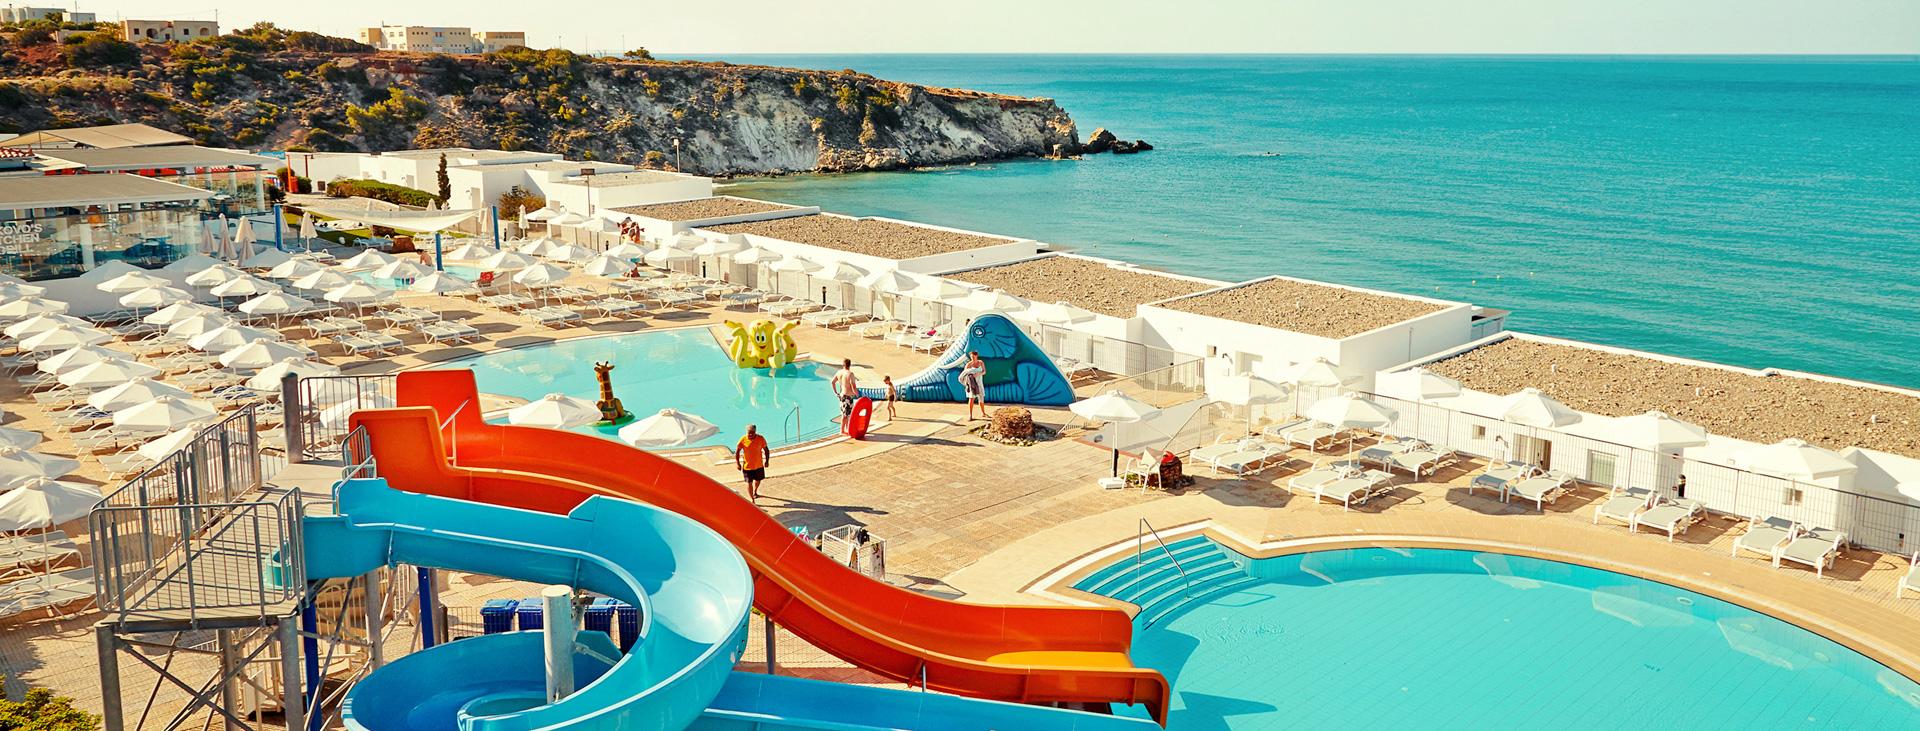 Sunwing Makrigialos Beach, Makrigialos, Kreta, Grækenland